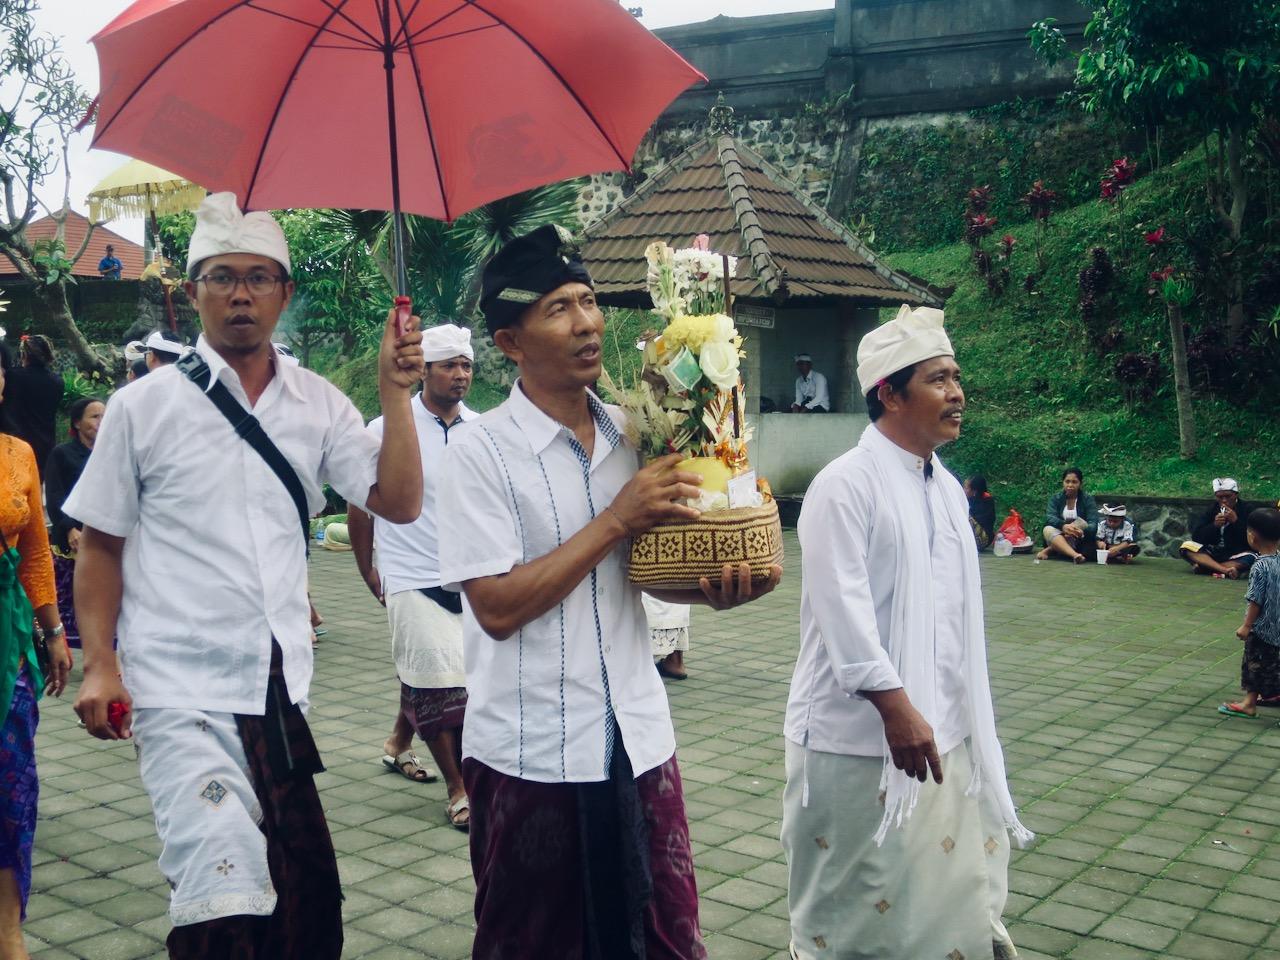 Homens balineses e oferenda a Saraswati em Bali